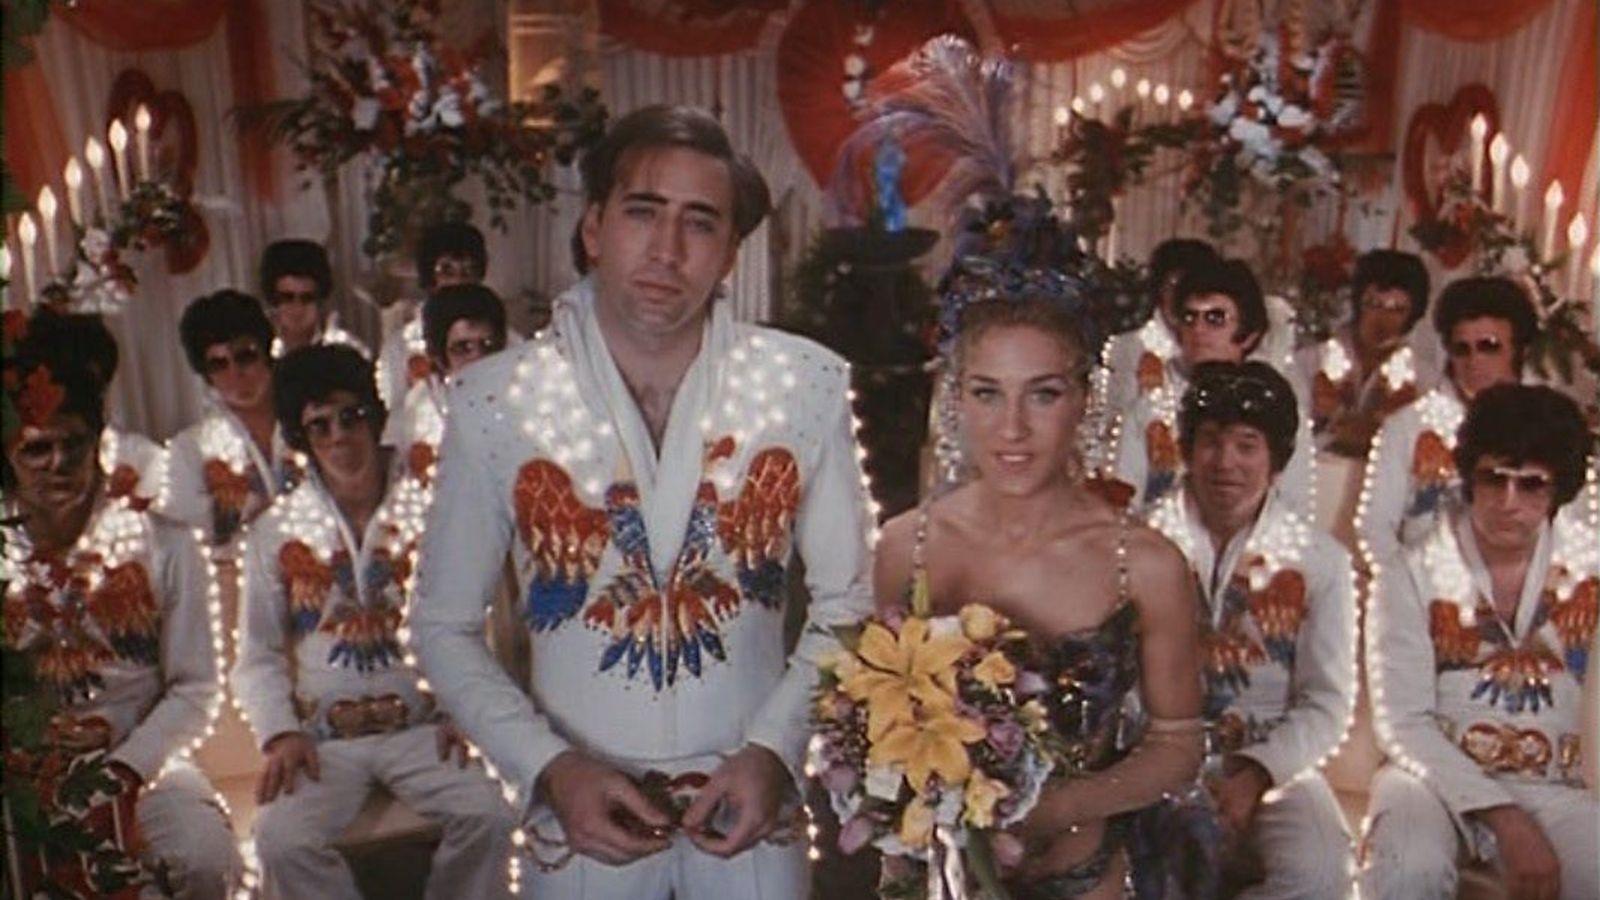 Foto: 'Honeymoon in Vegas', el otro lado de 'Una proposición indecente'.